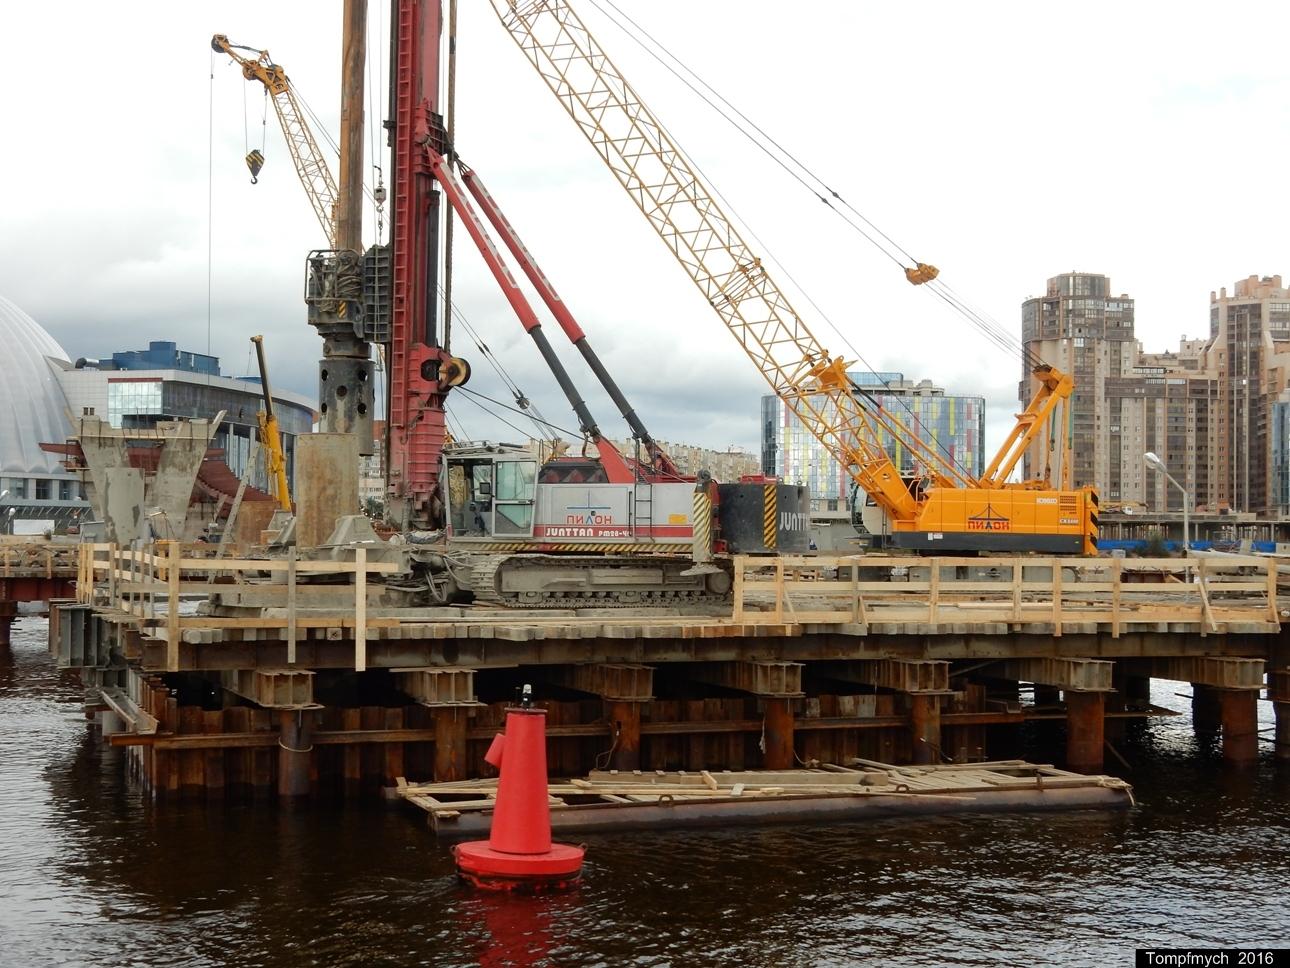 Буровая установка Junttan PM28-40 и кран Kobelco CKS600 на строительстве пешеходного моста на Крестовский остров. Санкт-Петербург, р. Большая Нева